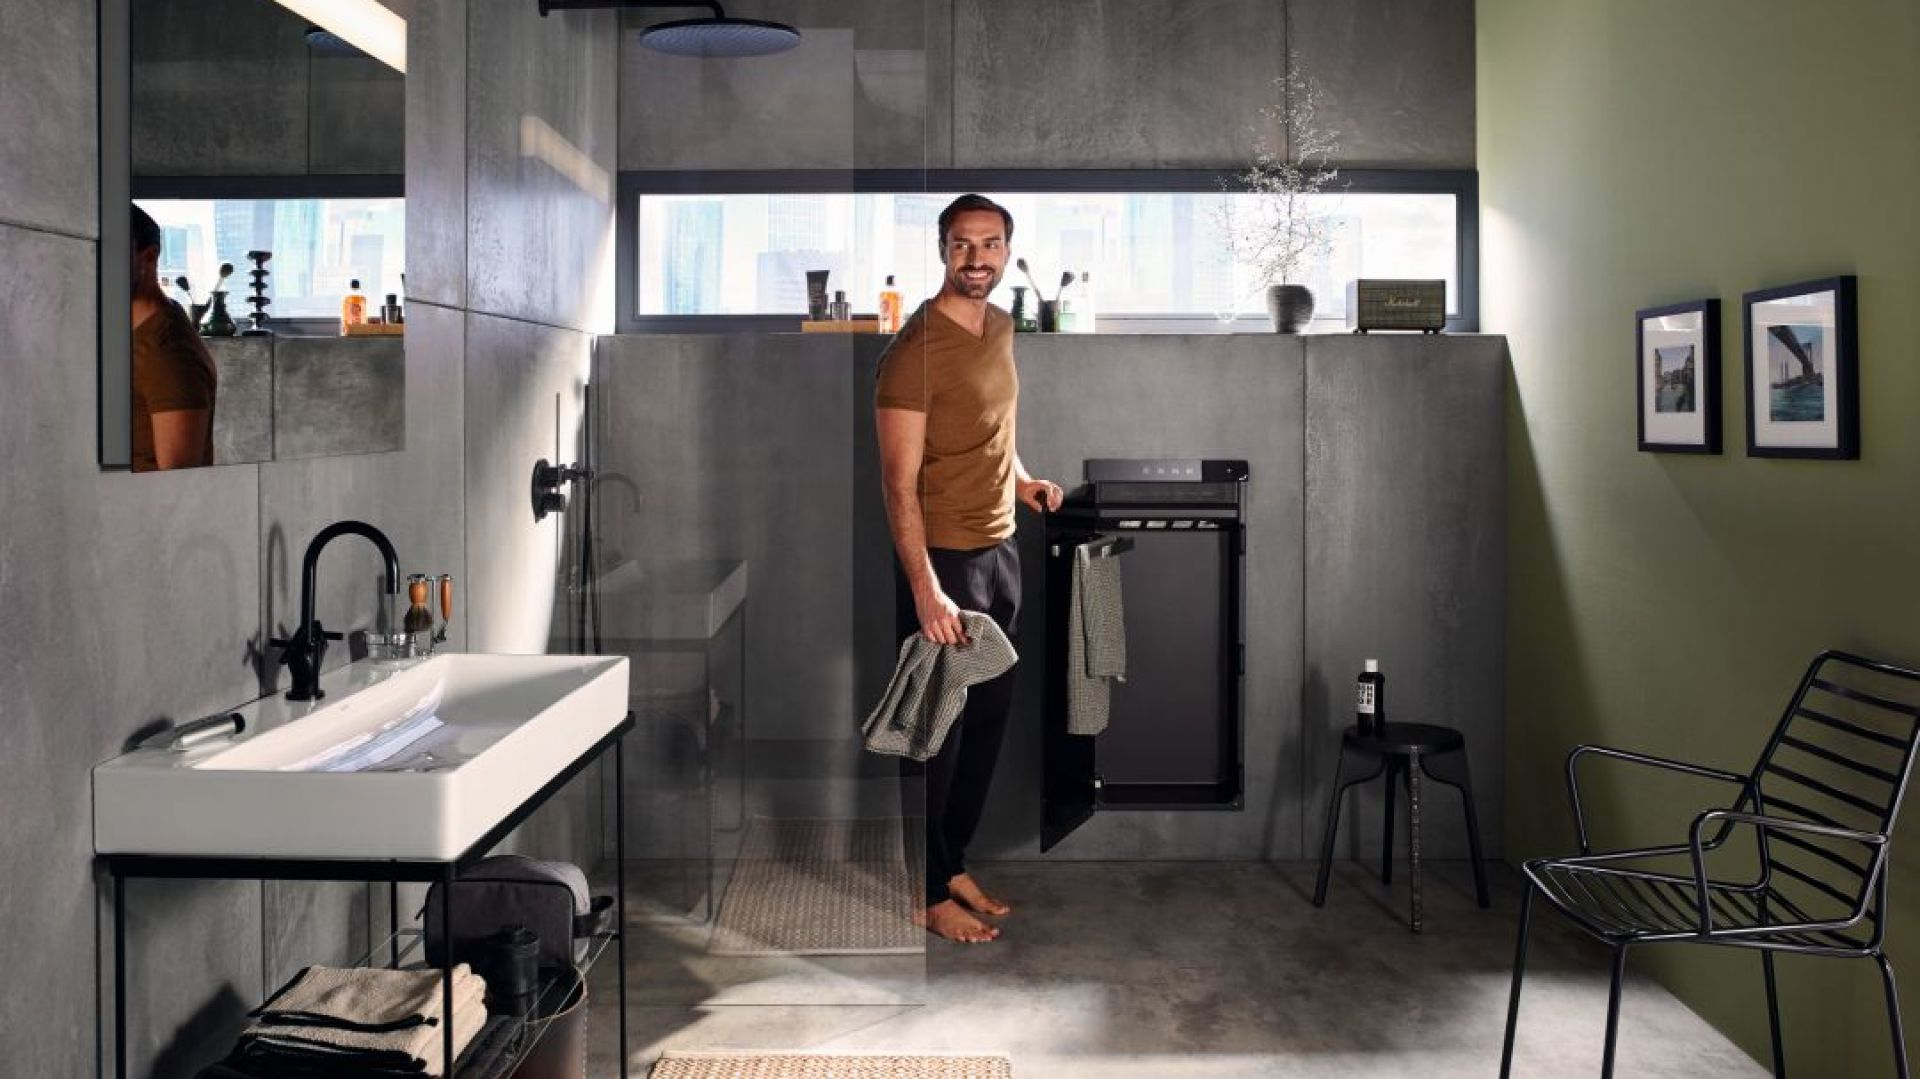 Rewolucyjnym urządzeniem grzewczym, ze względu na swoją wielofunkcyjność, jest Zehnder Zenia, czyli podgrzewacz i suszarka do ręczników, grzejnik na podczerwień oraz termowentylator w jednym. Fot. Zehnder